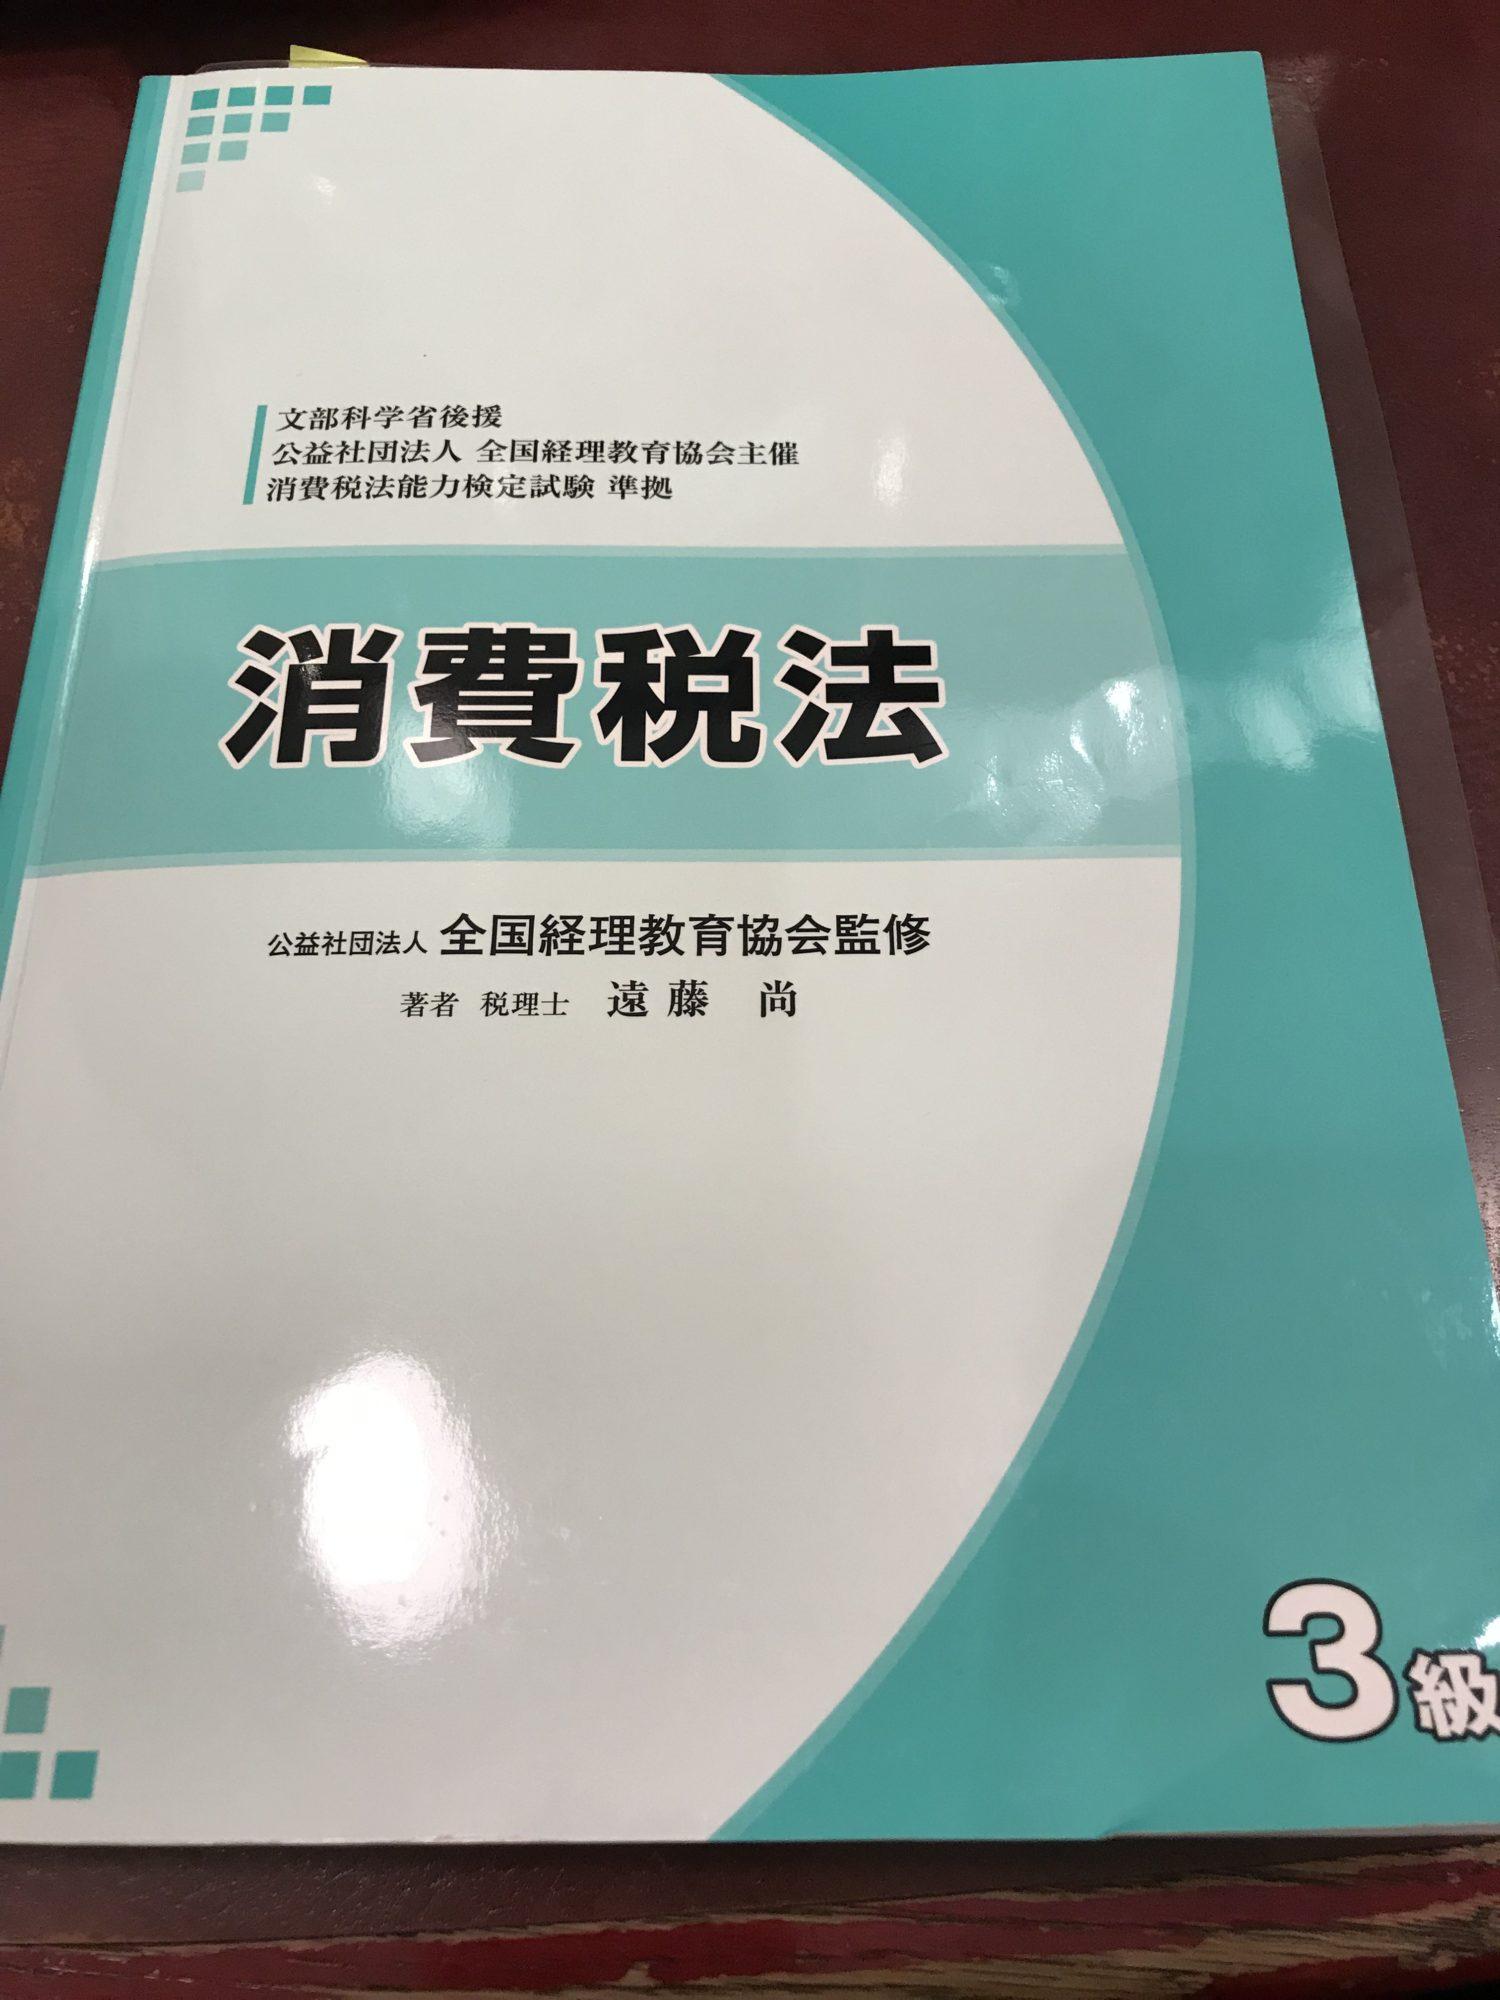 消費税法能力検定3級のテキスト